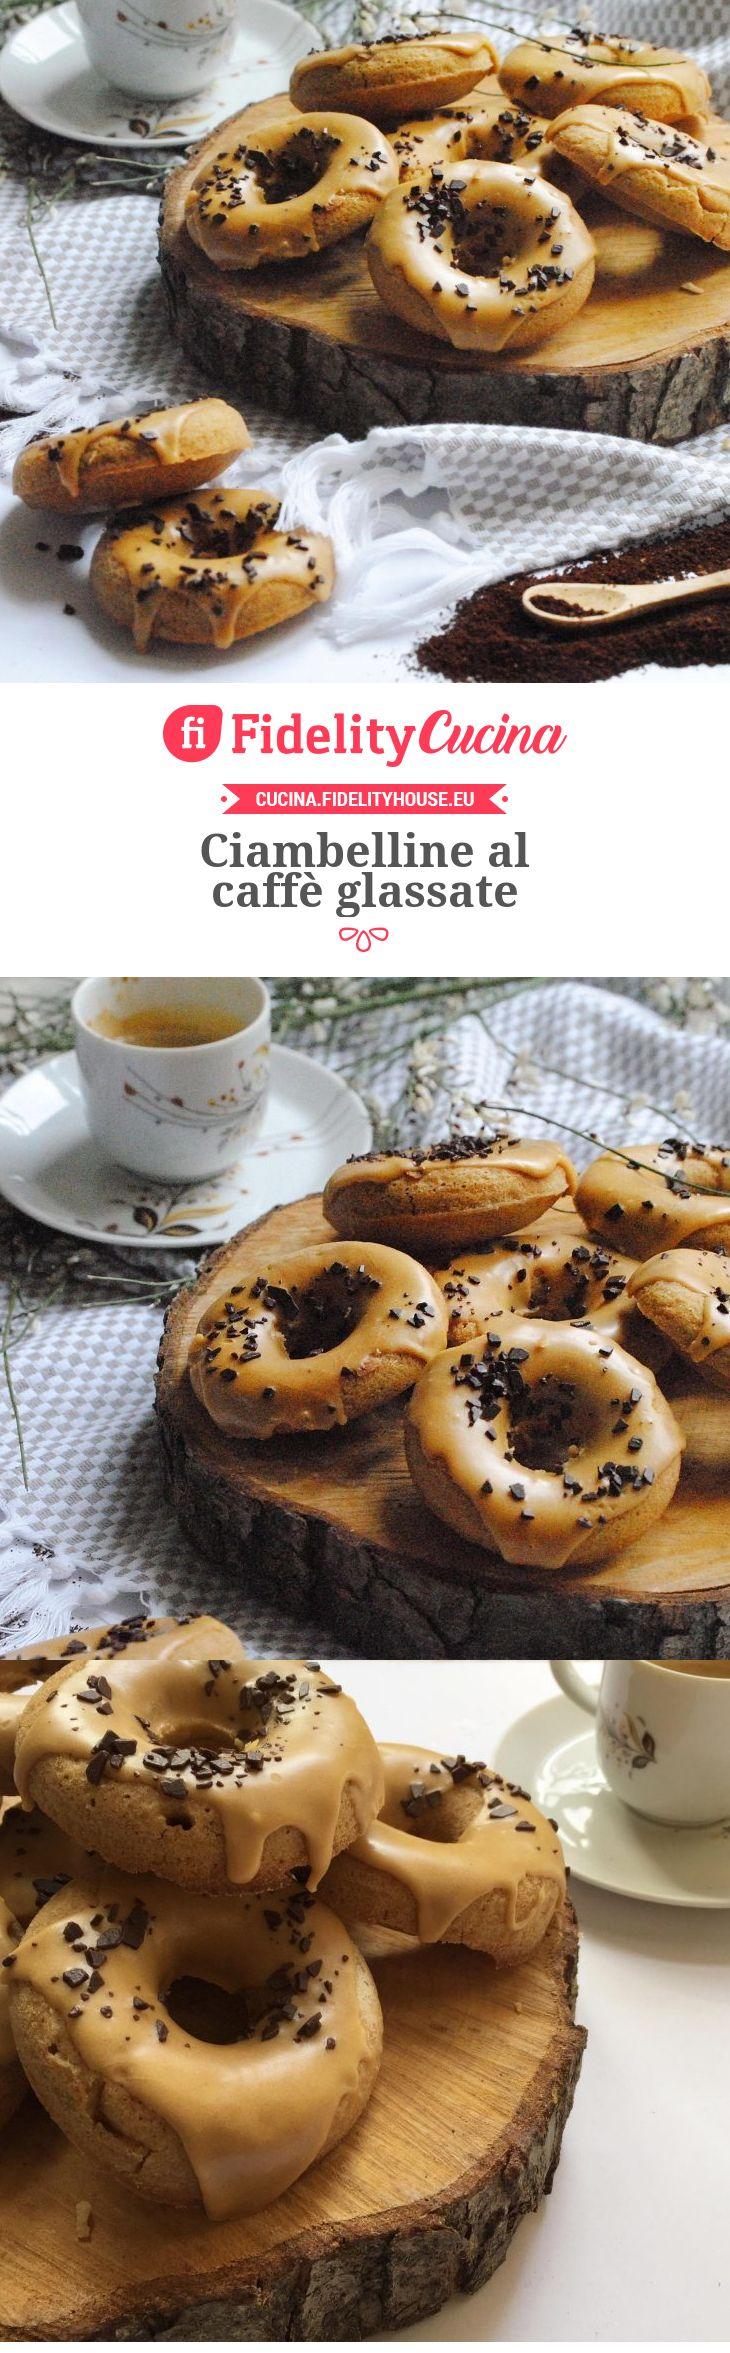 Ciambelline al caffè glassate